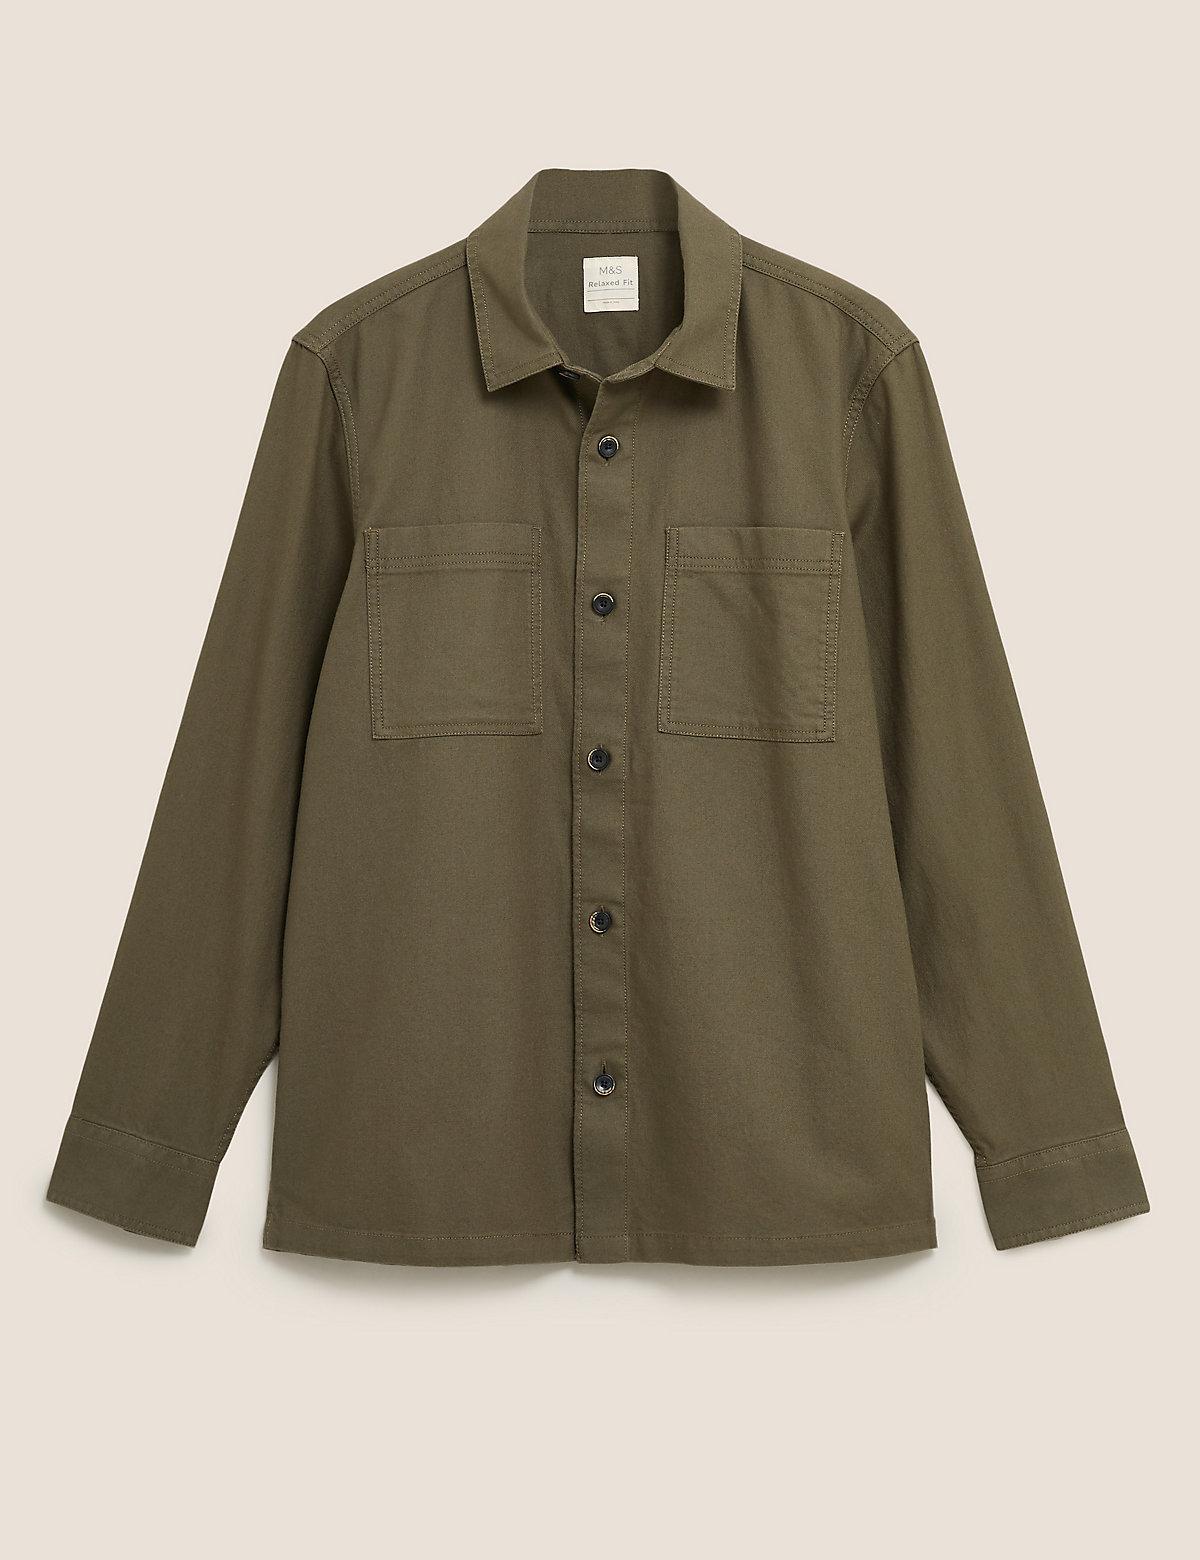 Практичная верхняя рубашка из чистого хлопкового твила